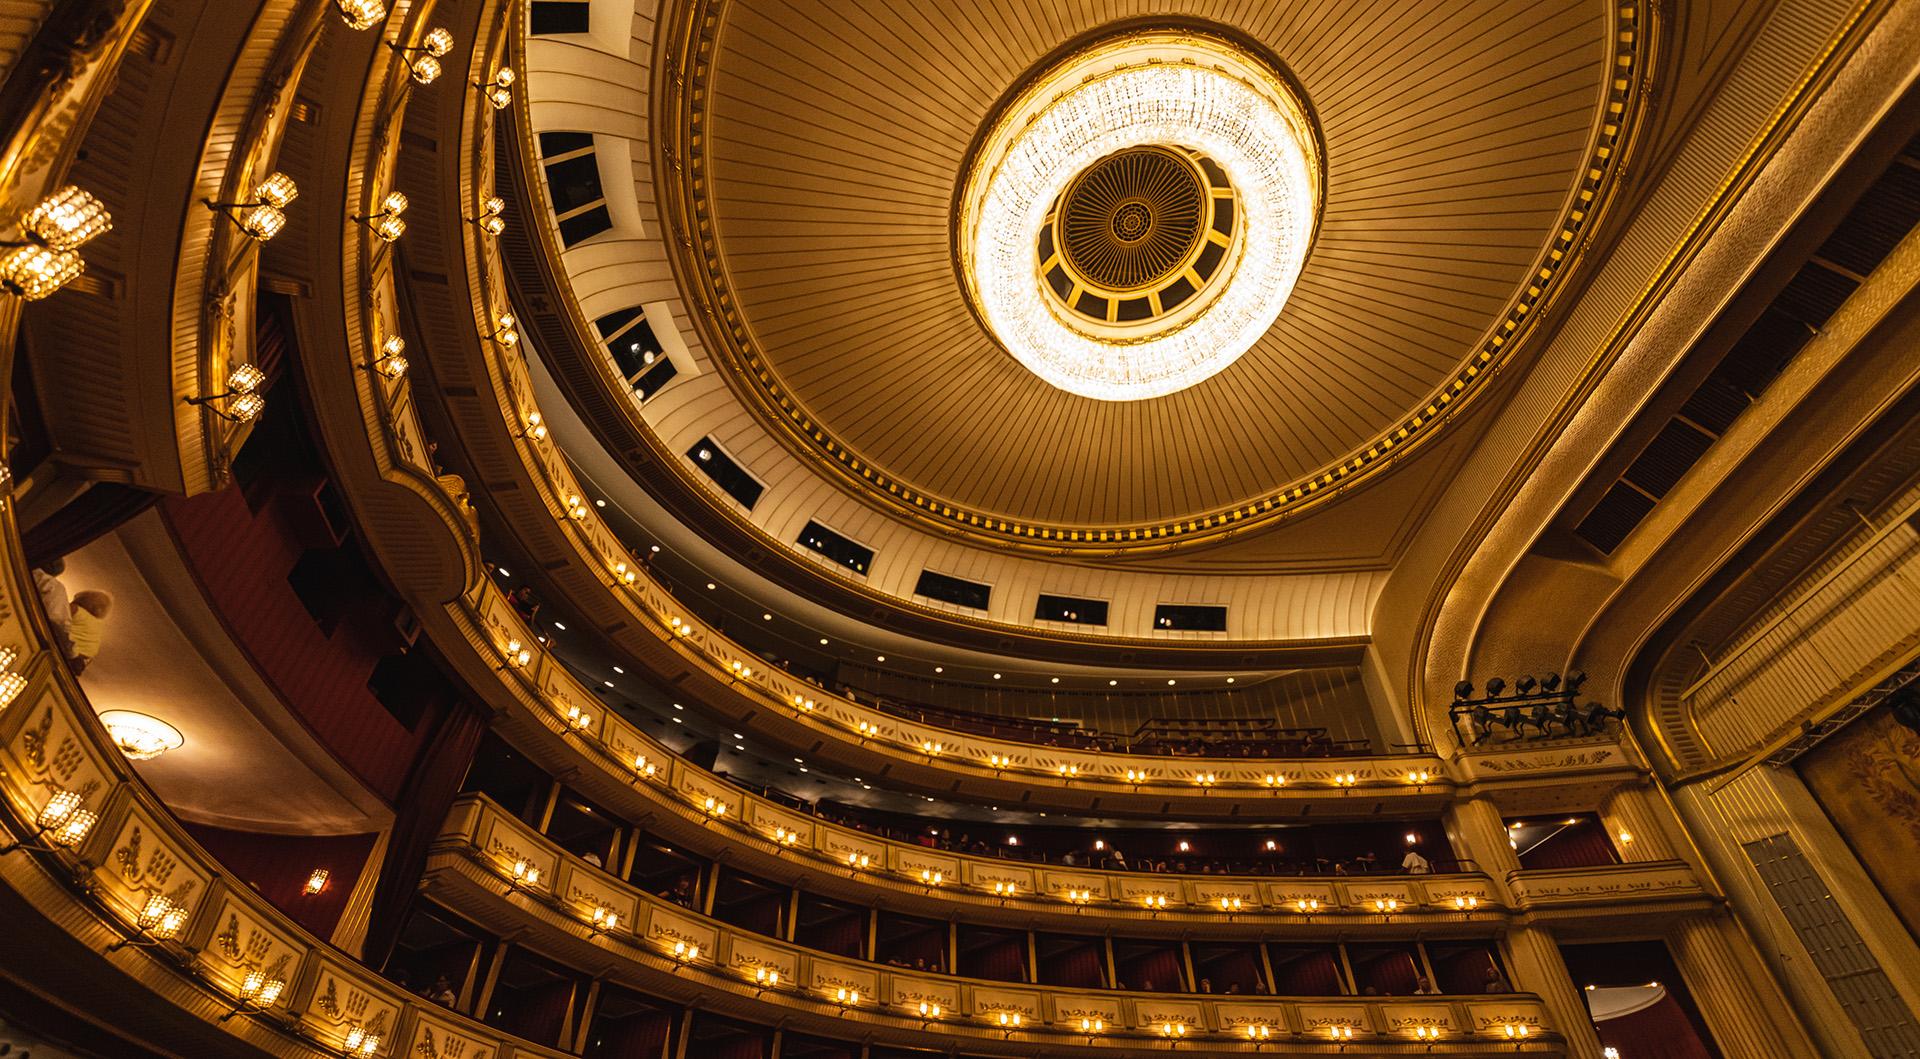 ウィーン国立歌劇場のロッジと天井照明